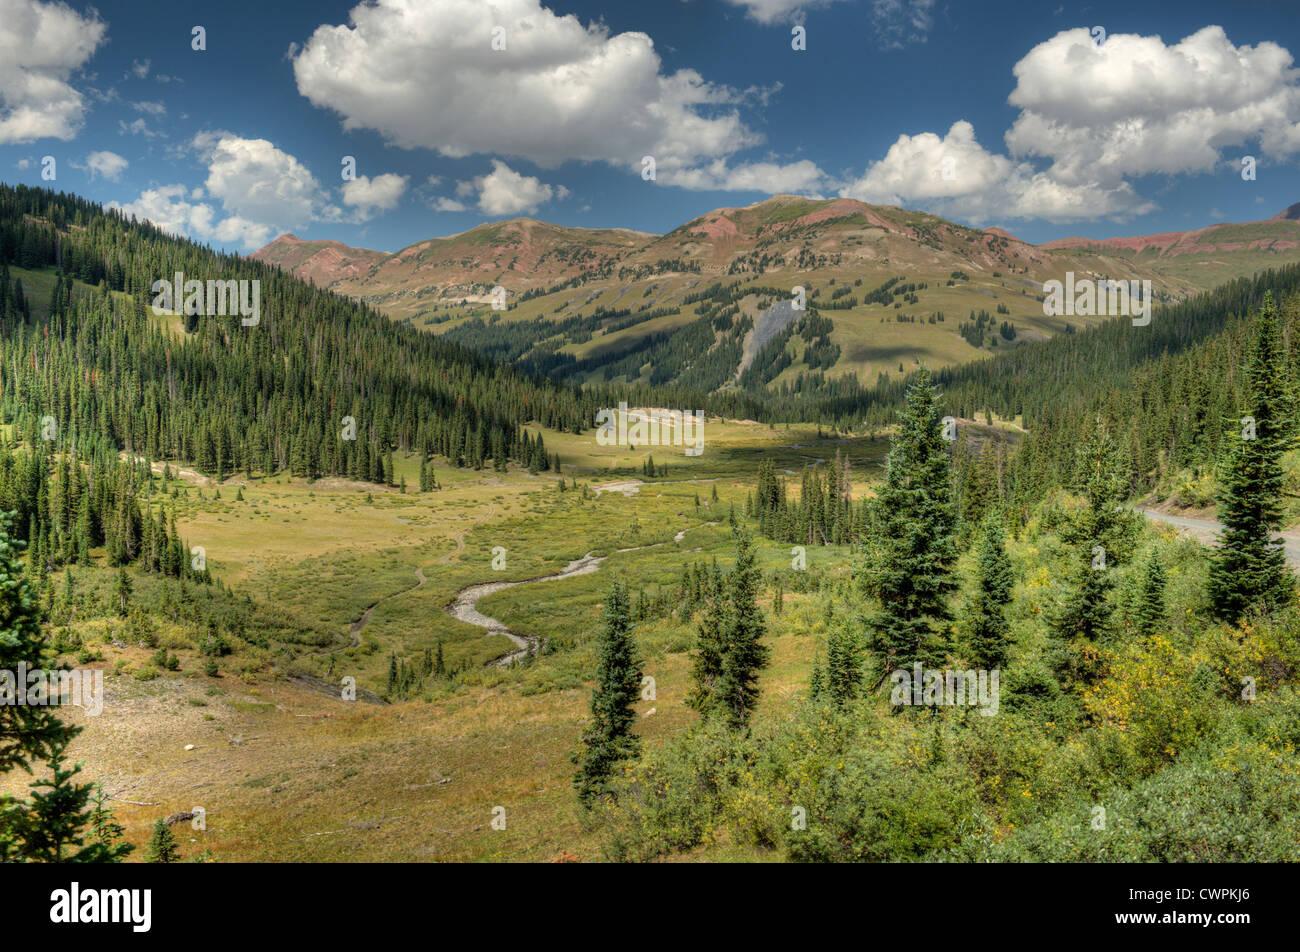 Elko Park, Colorado. - Stock Image